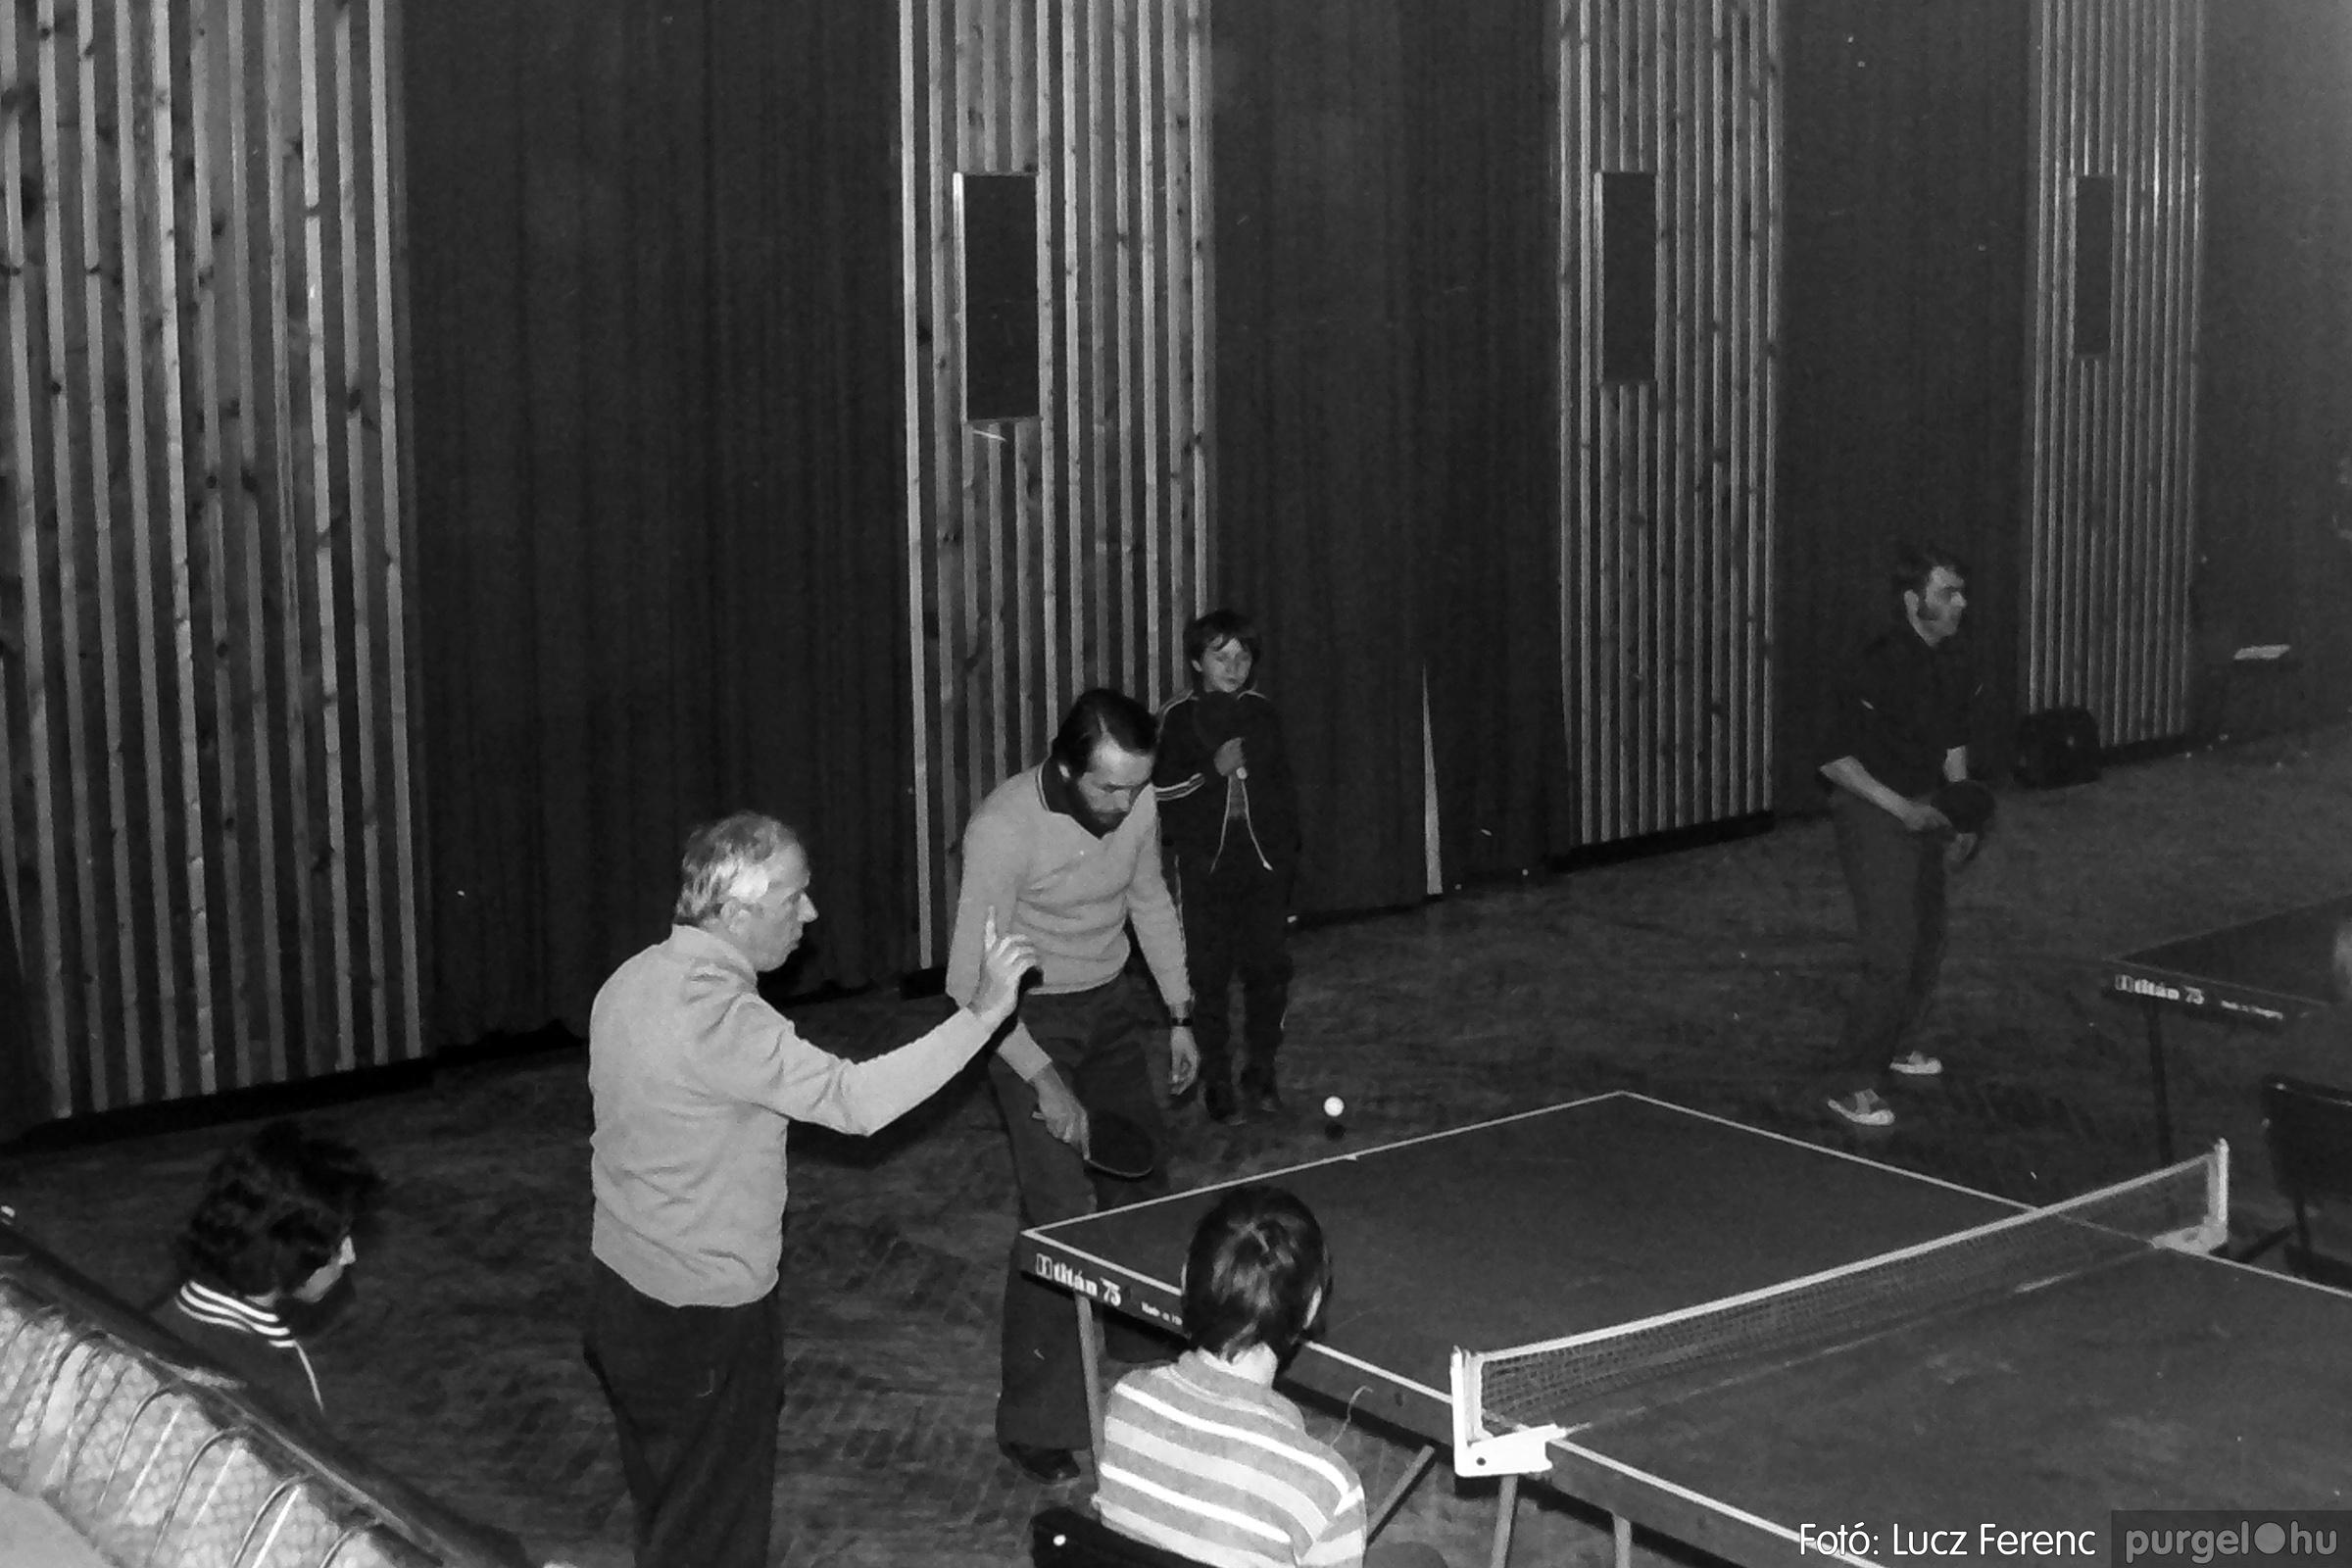 073. 1977. Asztaltenisz verseny 009. - Fotó: Lucz Ferenc.jpg